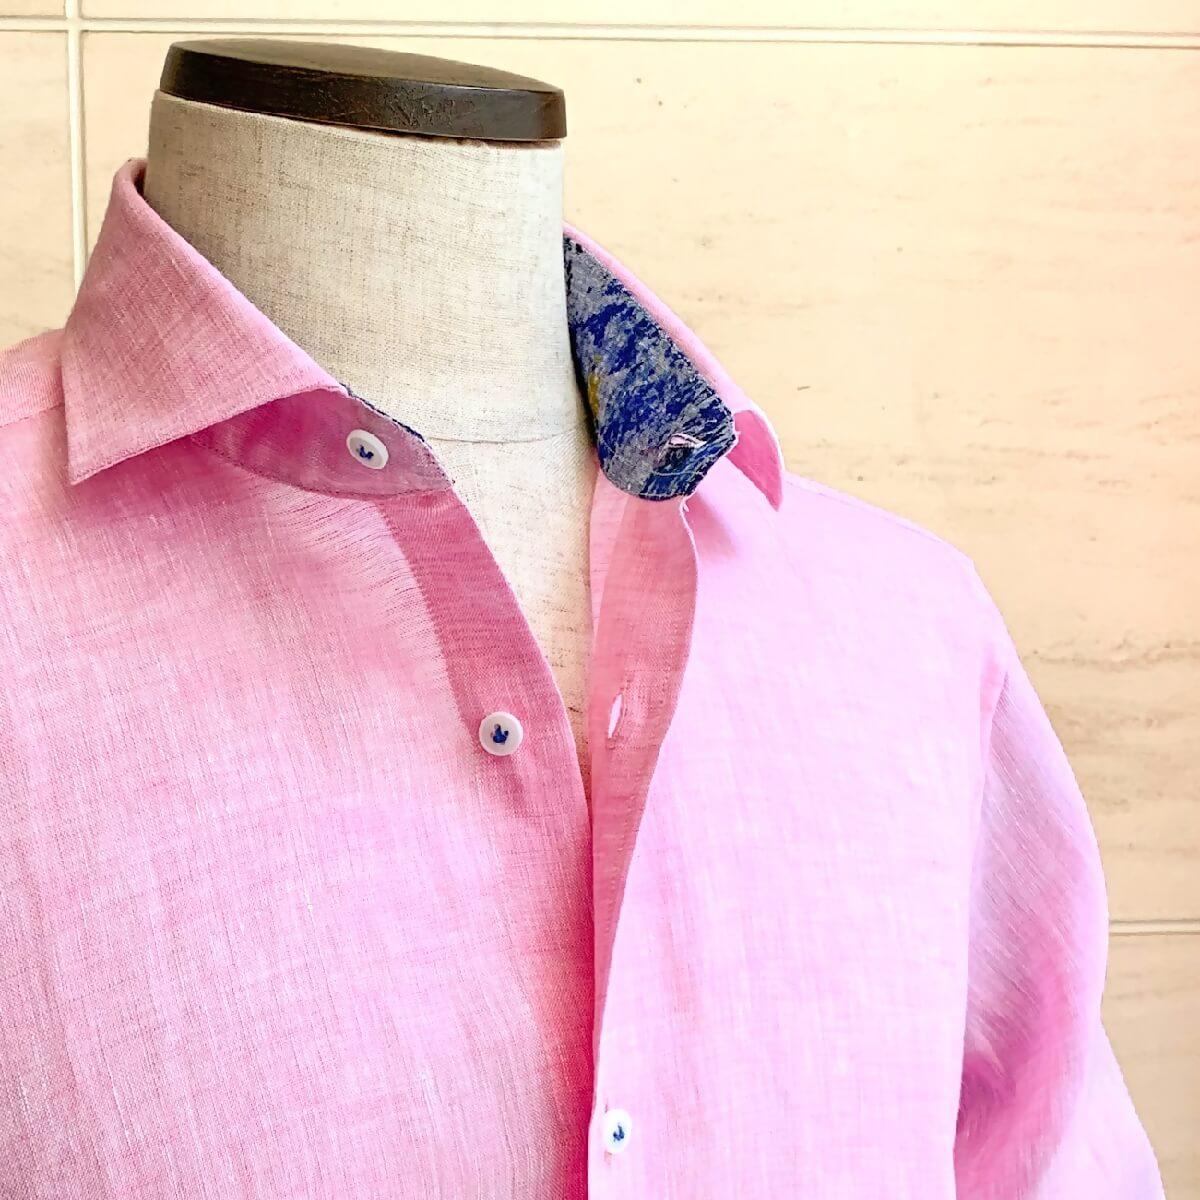 POGGIANTI1958(ポジャンティ)リネンシャツ カジャアルシャツ 麻シャツ ブランド メンズ シャツ カジュアル イタリア おしゃれ 無地 ピンク